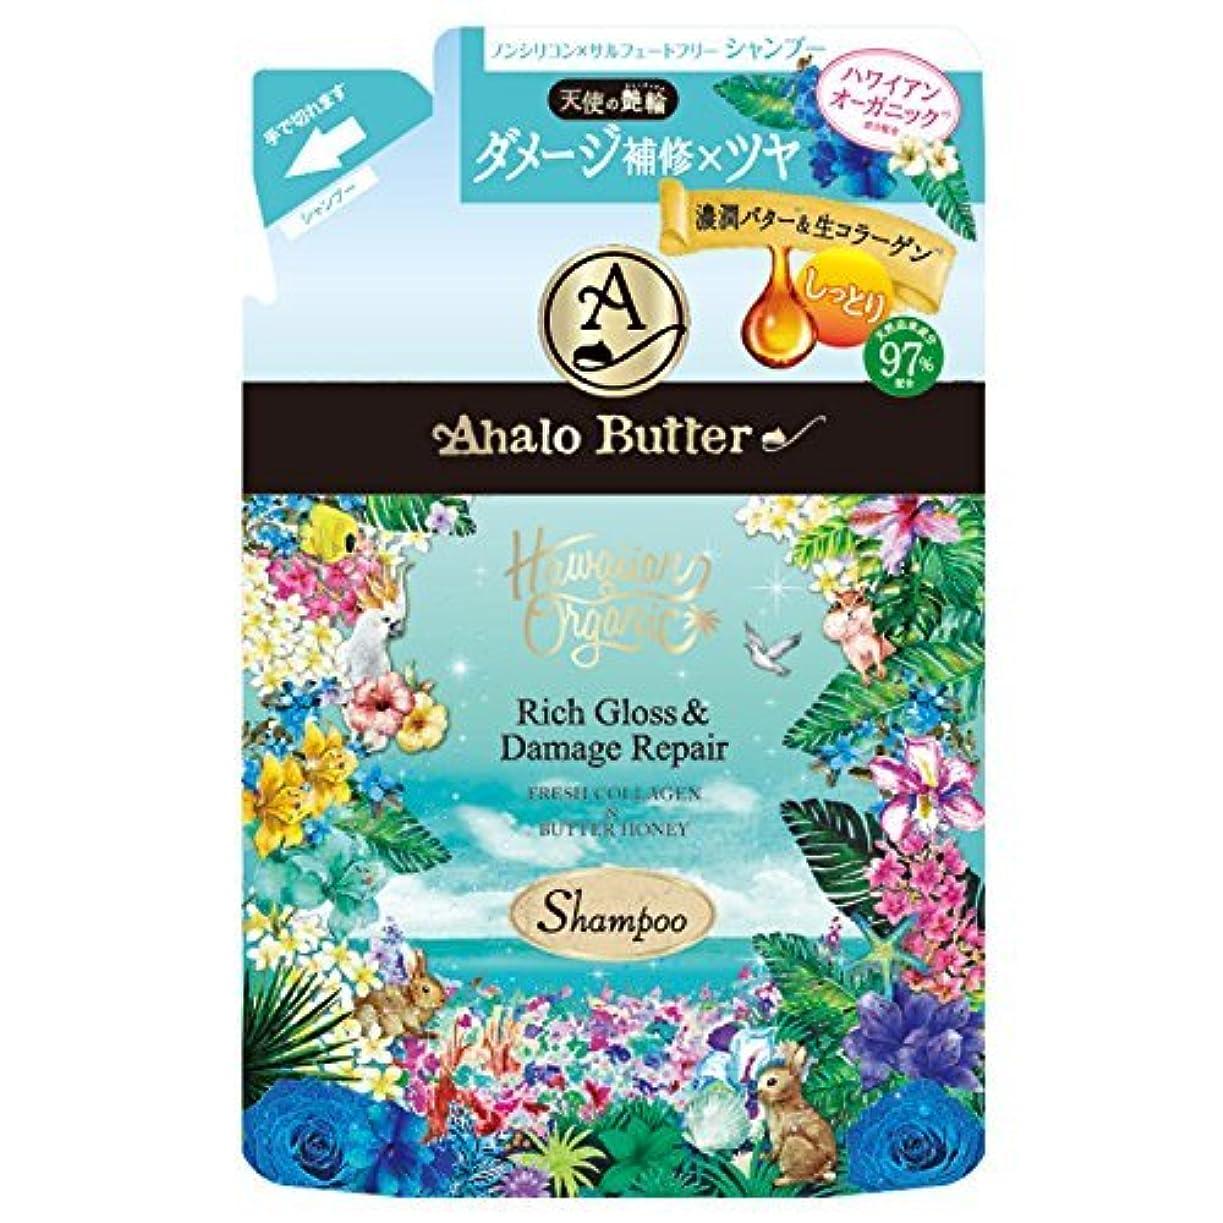 シンジケートまた明日ね健康的Ahalo butter(アハロバター) ハワイアンオーガニック リッチグロス&ダメージリペア モイストシャンプー / 詰め替え / 400ml